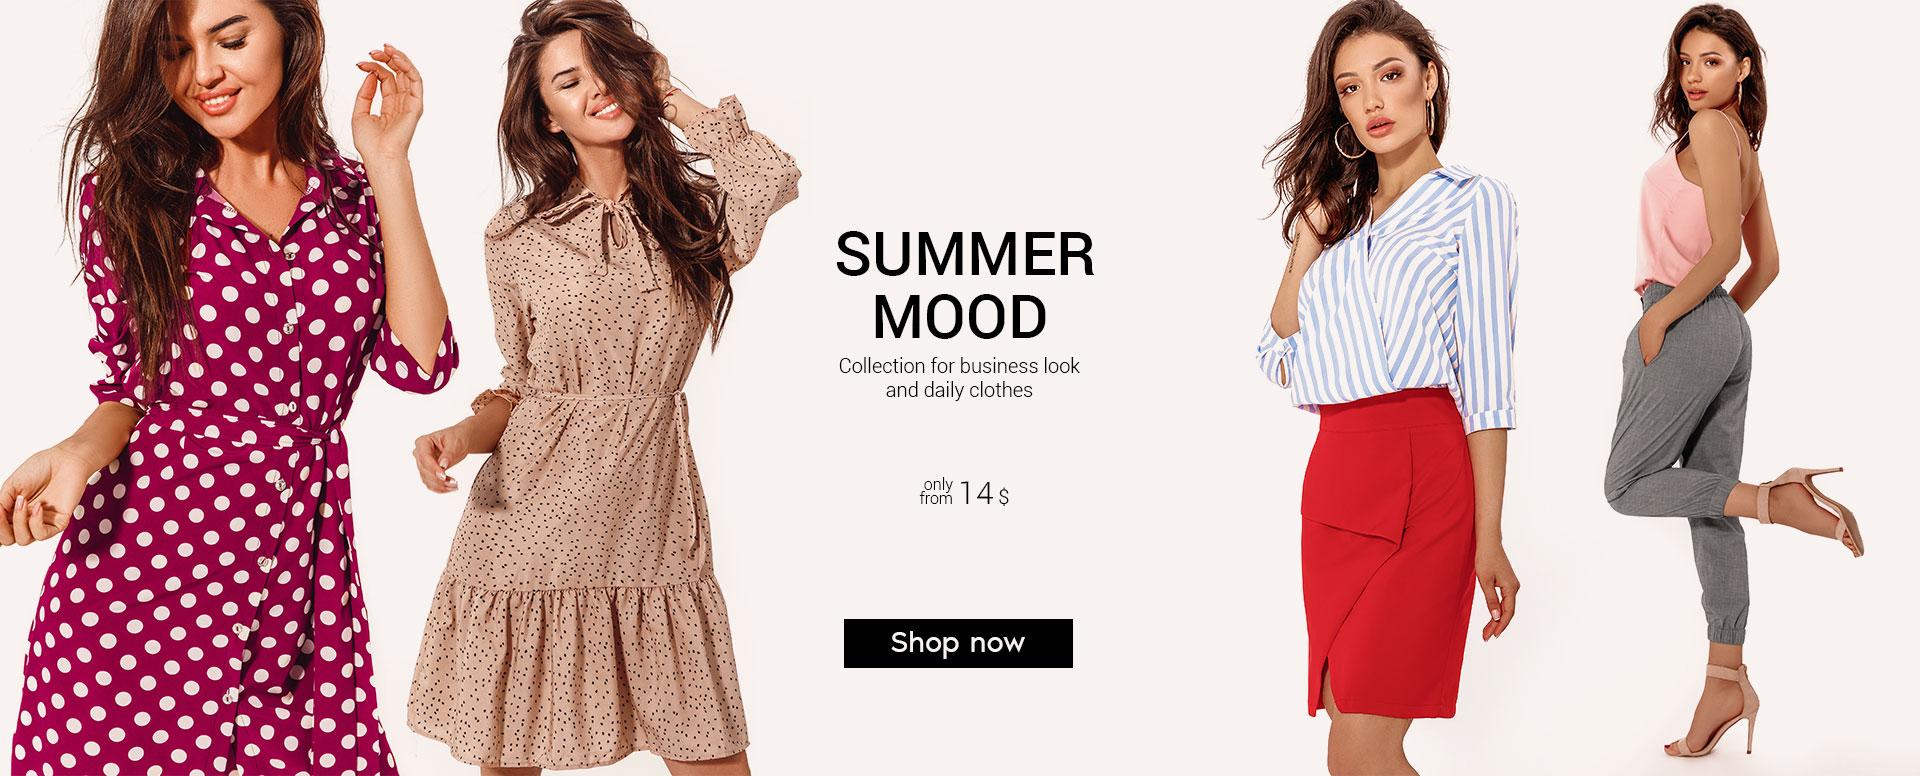 2f13bda696f Интернет магазин женской одежды от производителя